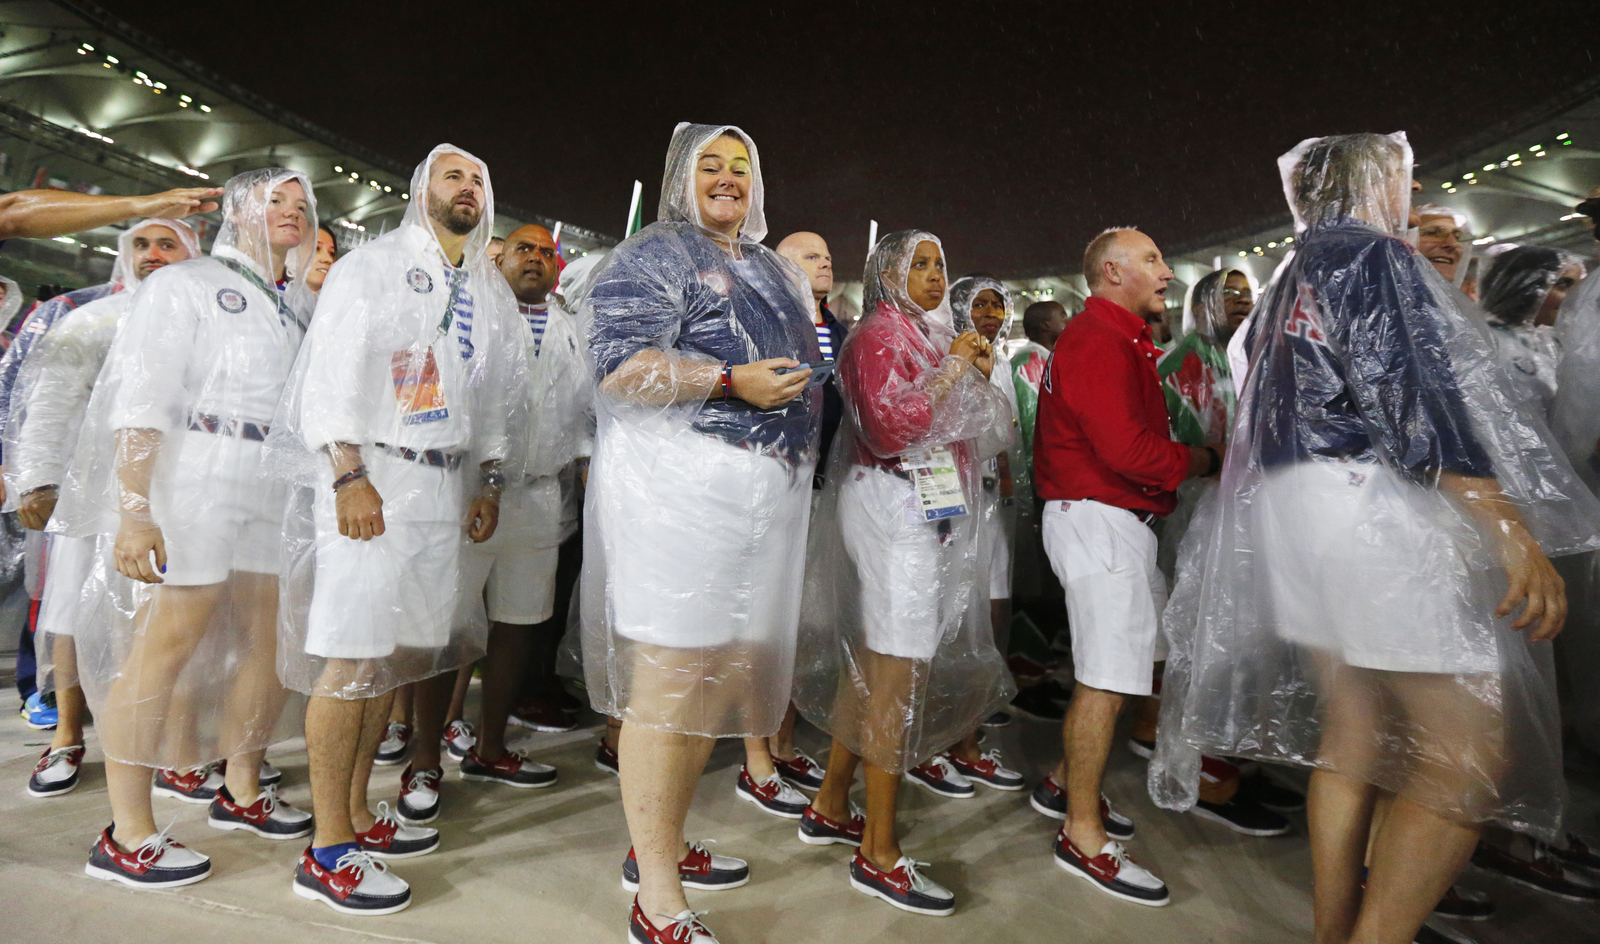 У погоды свое расписание. Закрытие олимпийских игр в Рио ознаменовалось дождем